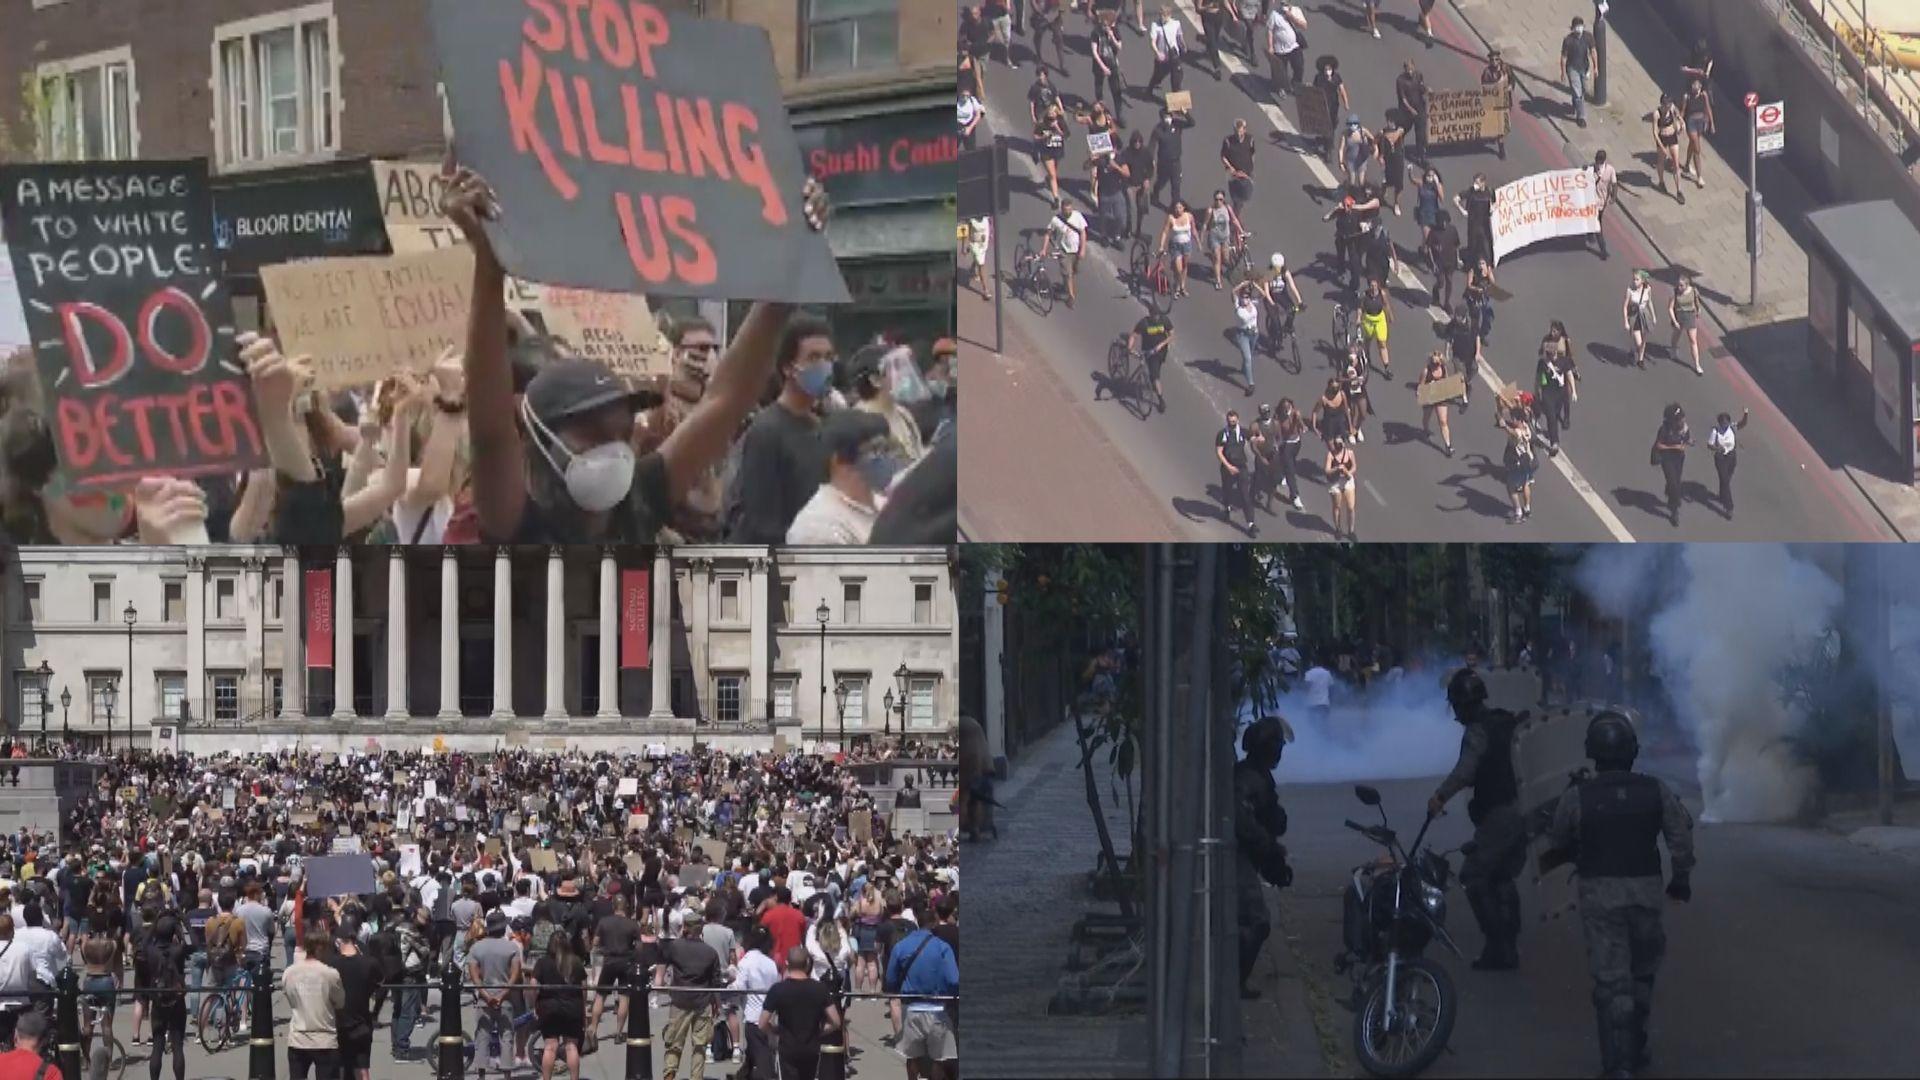 美示威浪潮席捲全球 外交部批評美方典型雙重標準